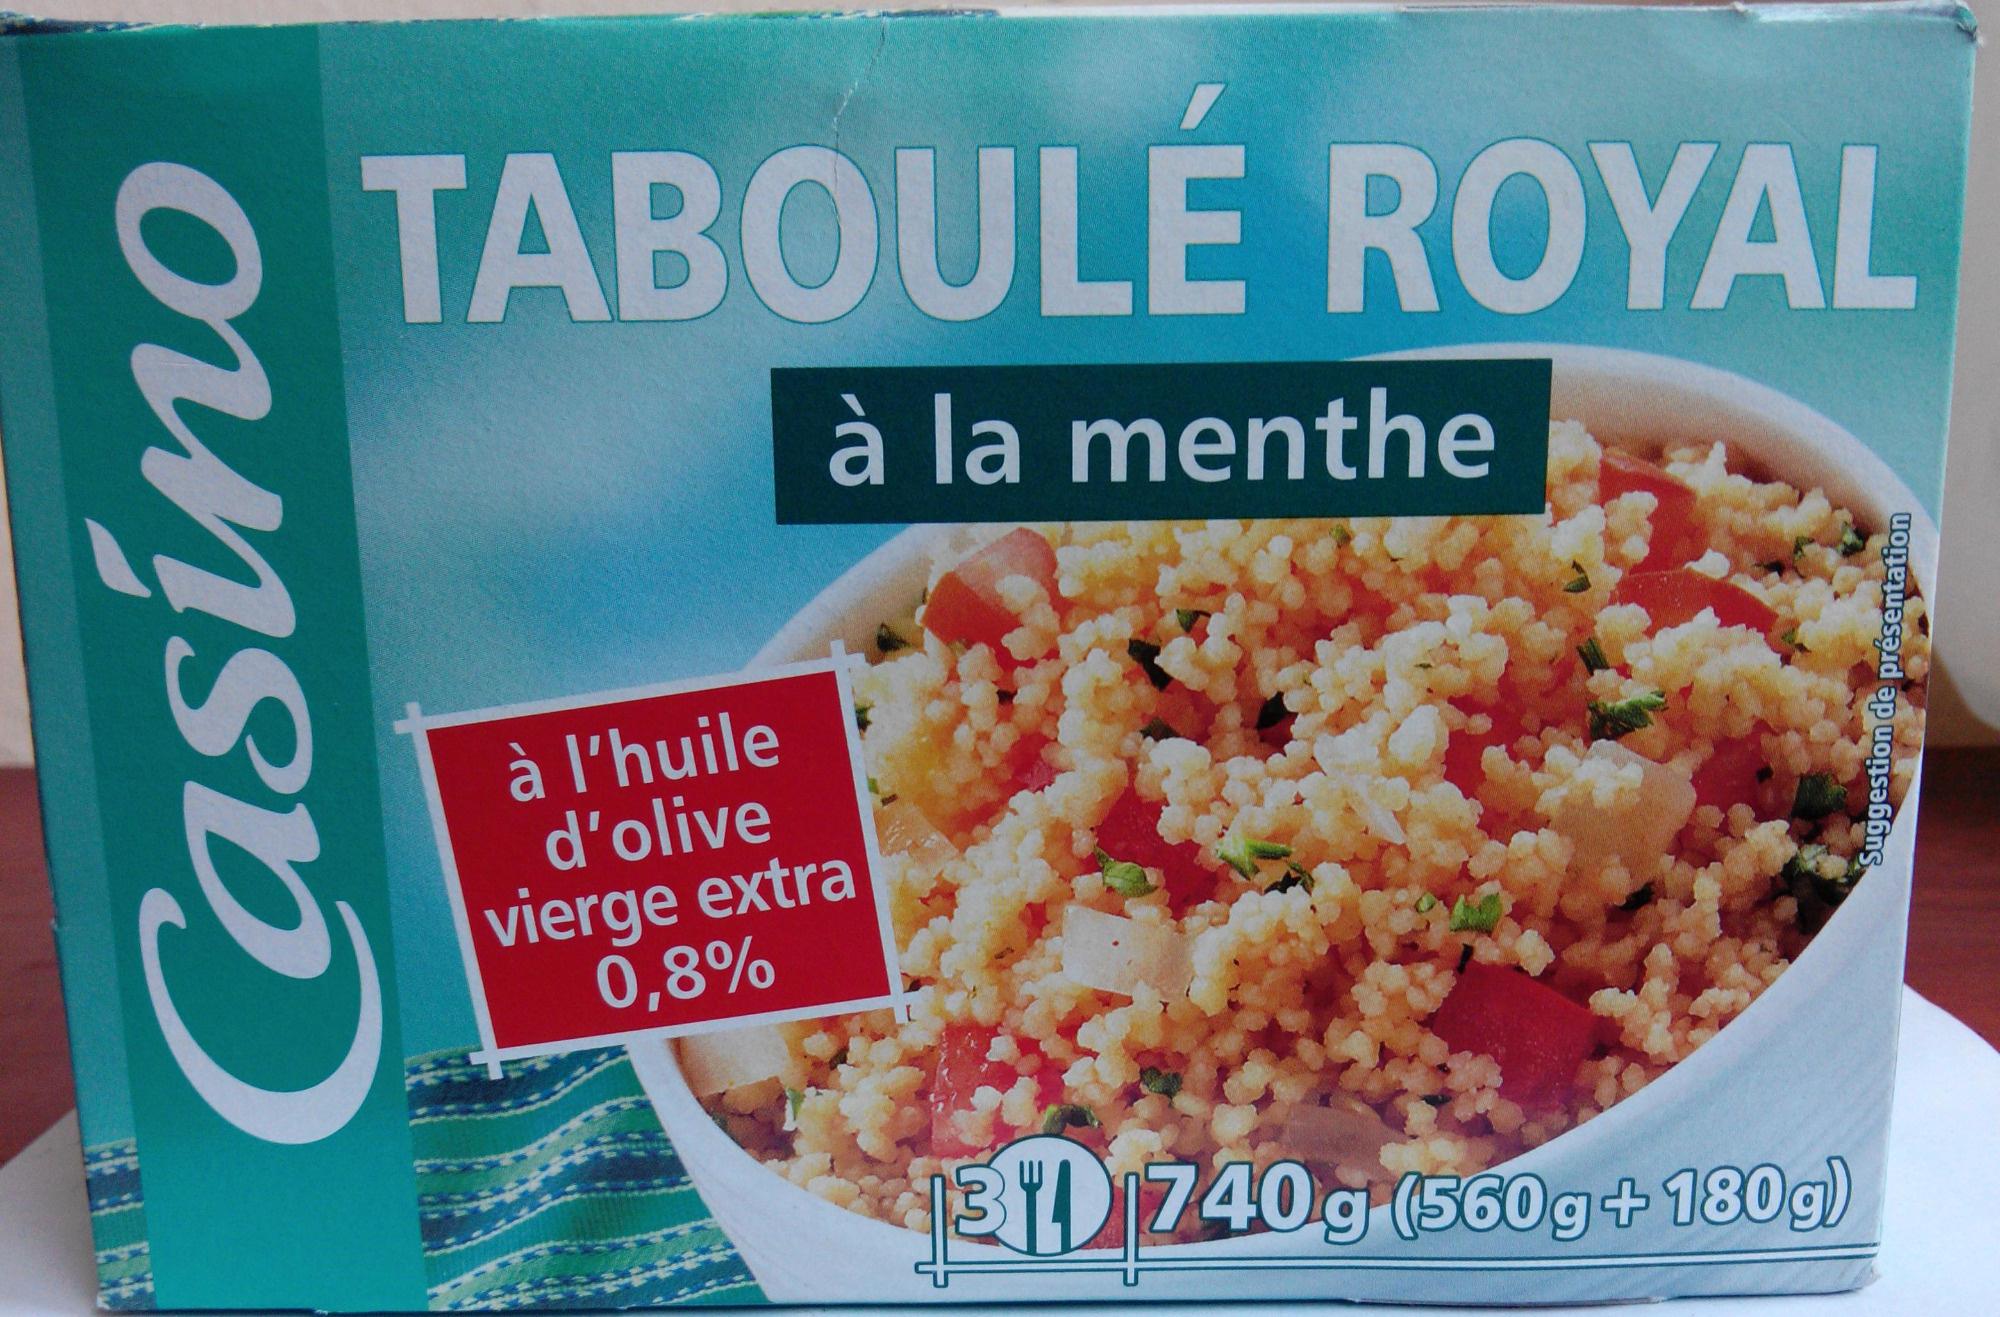 Taboulé royal à la menthe - Produit